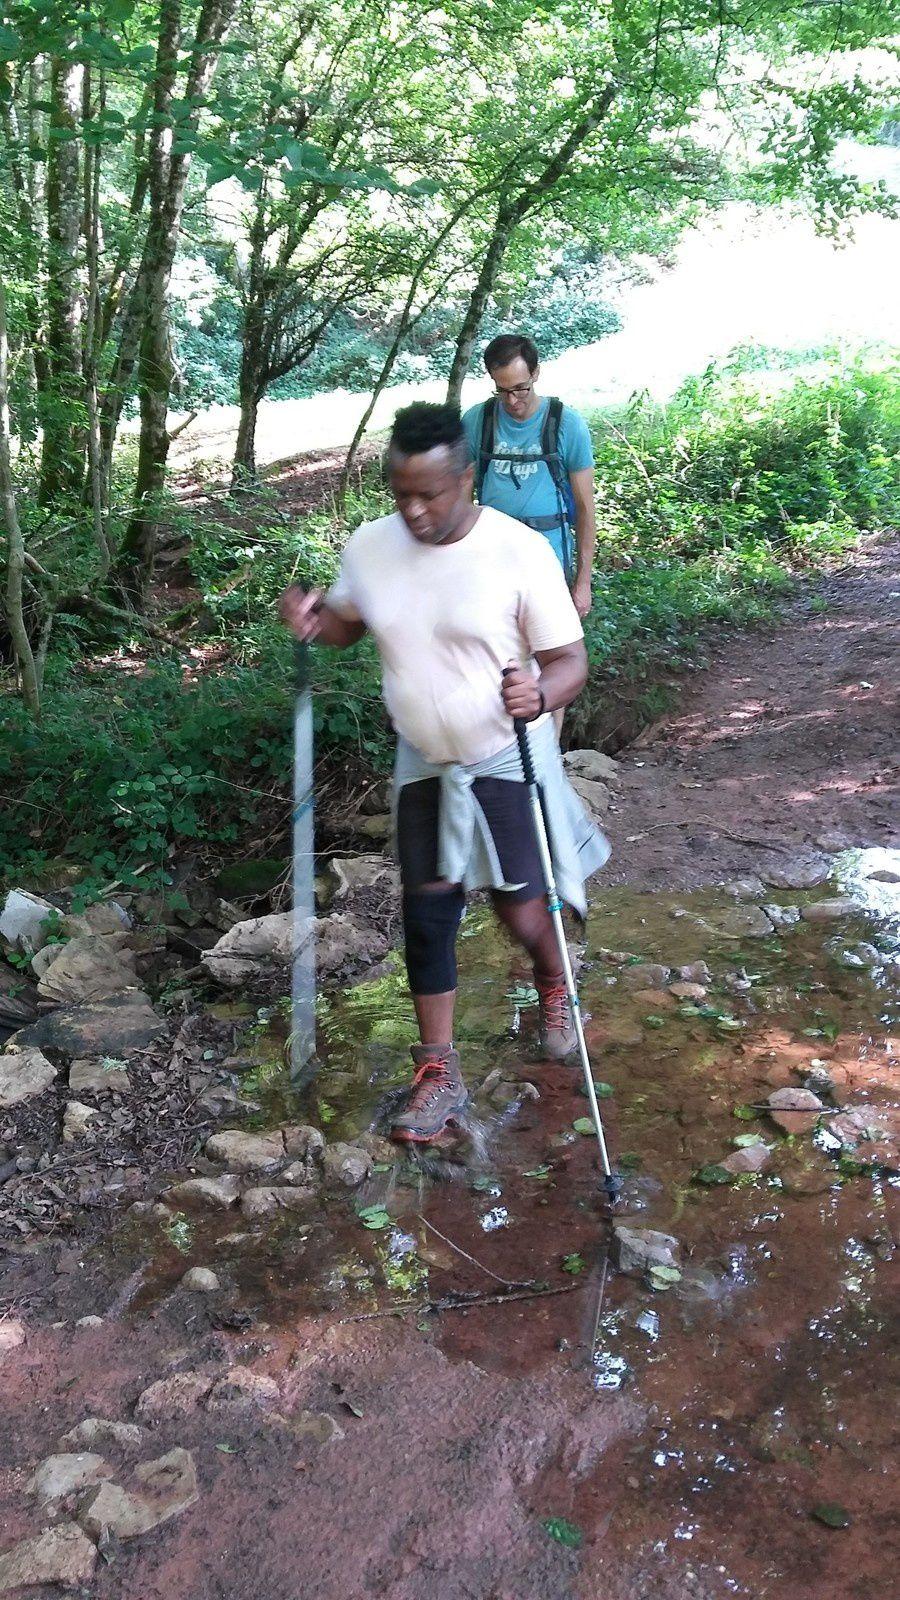 Arrivés en bas de la descente, nous passons un tout petit cours d'eau avant de remonter le sentier vers le village de Comes.